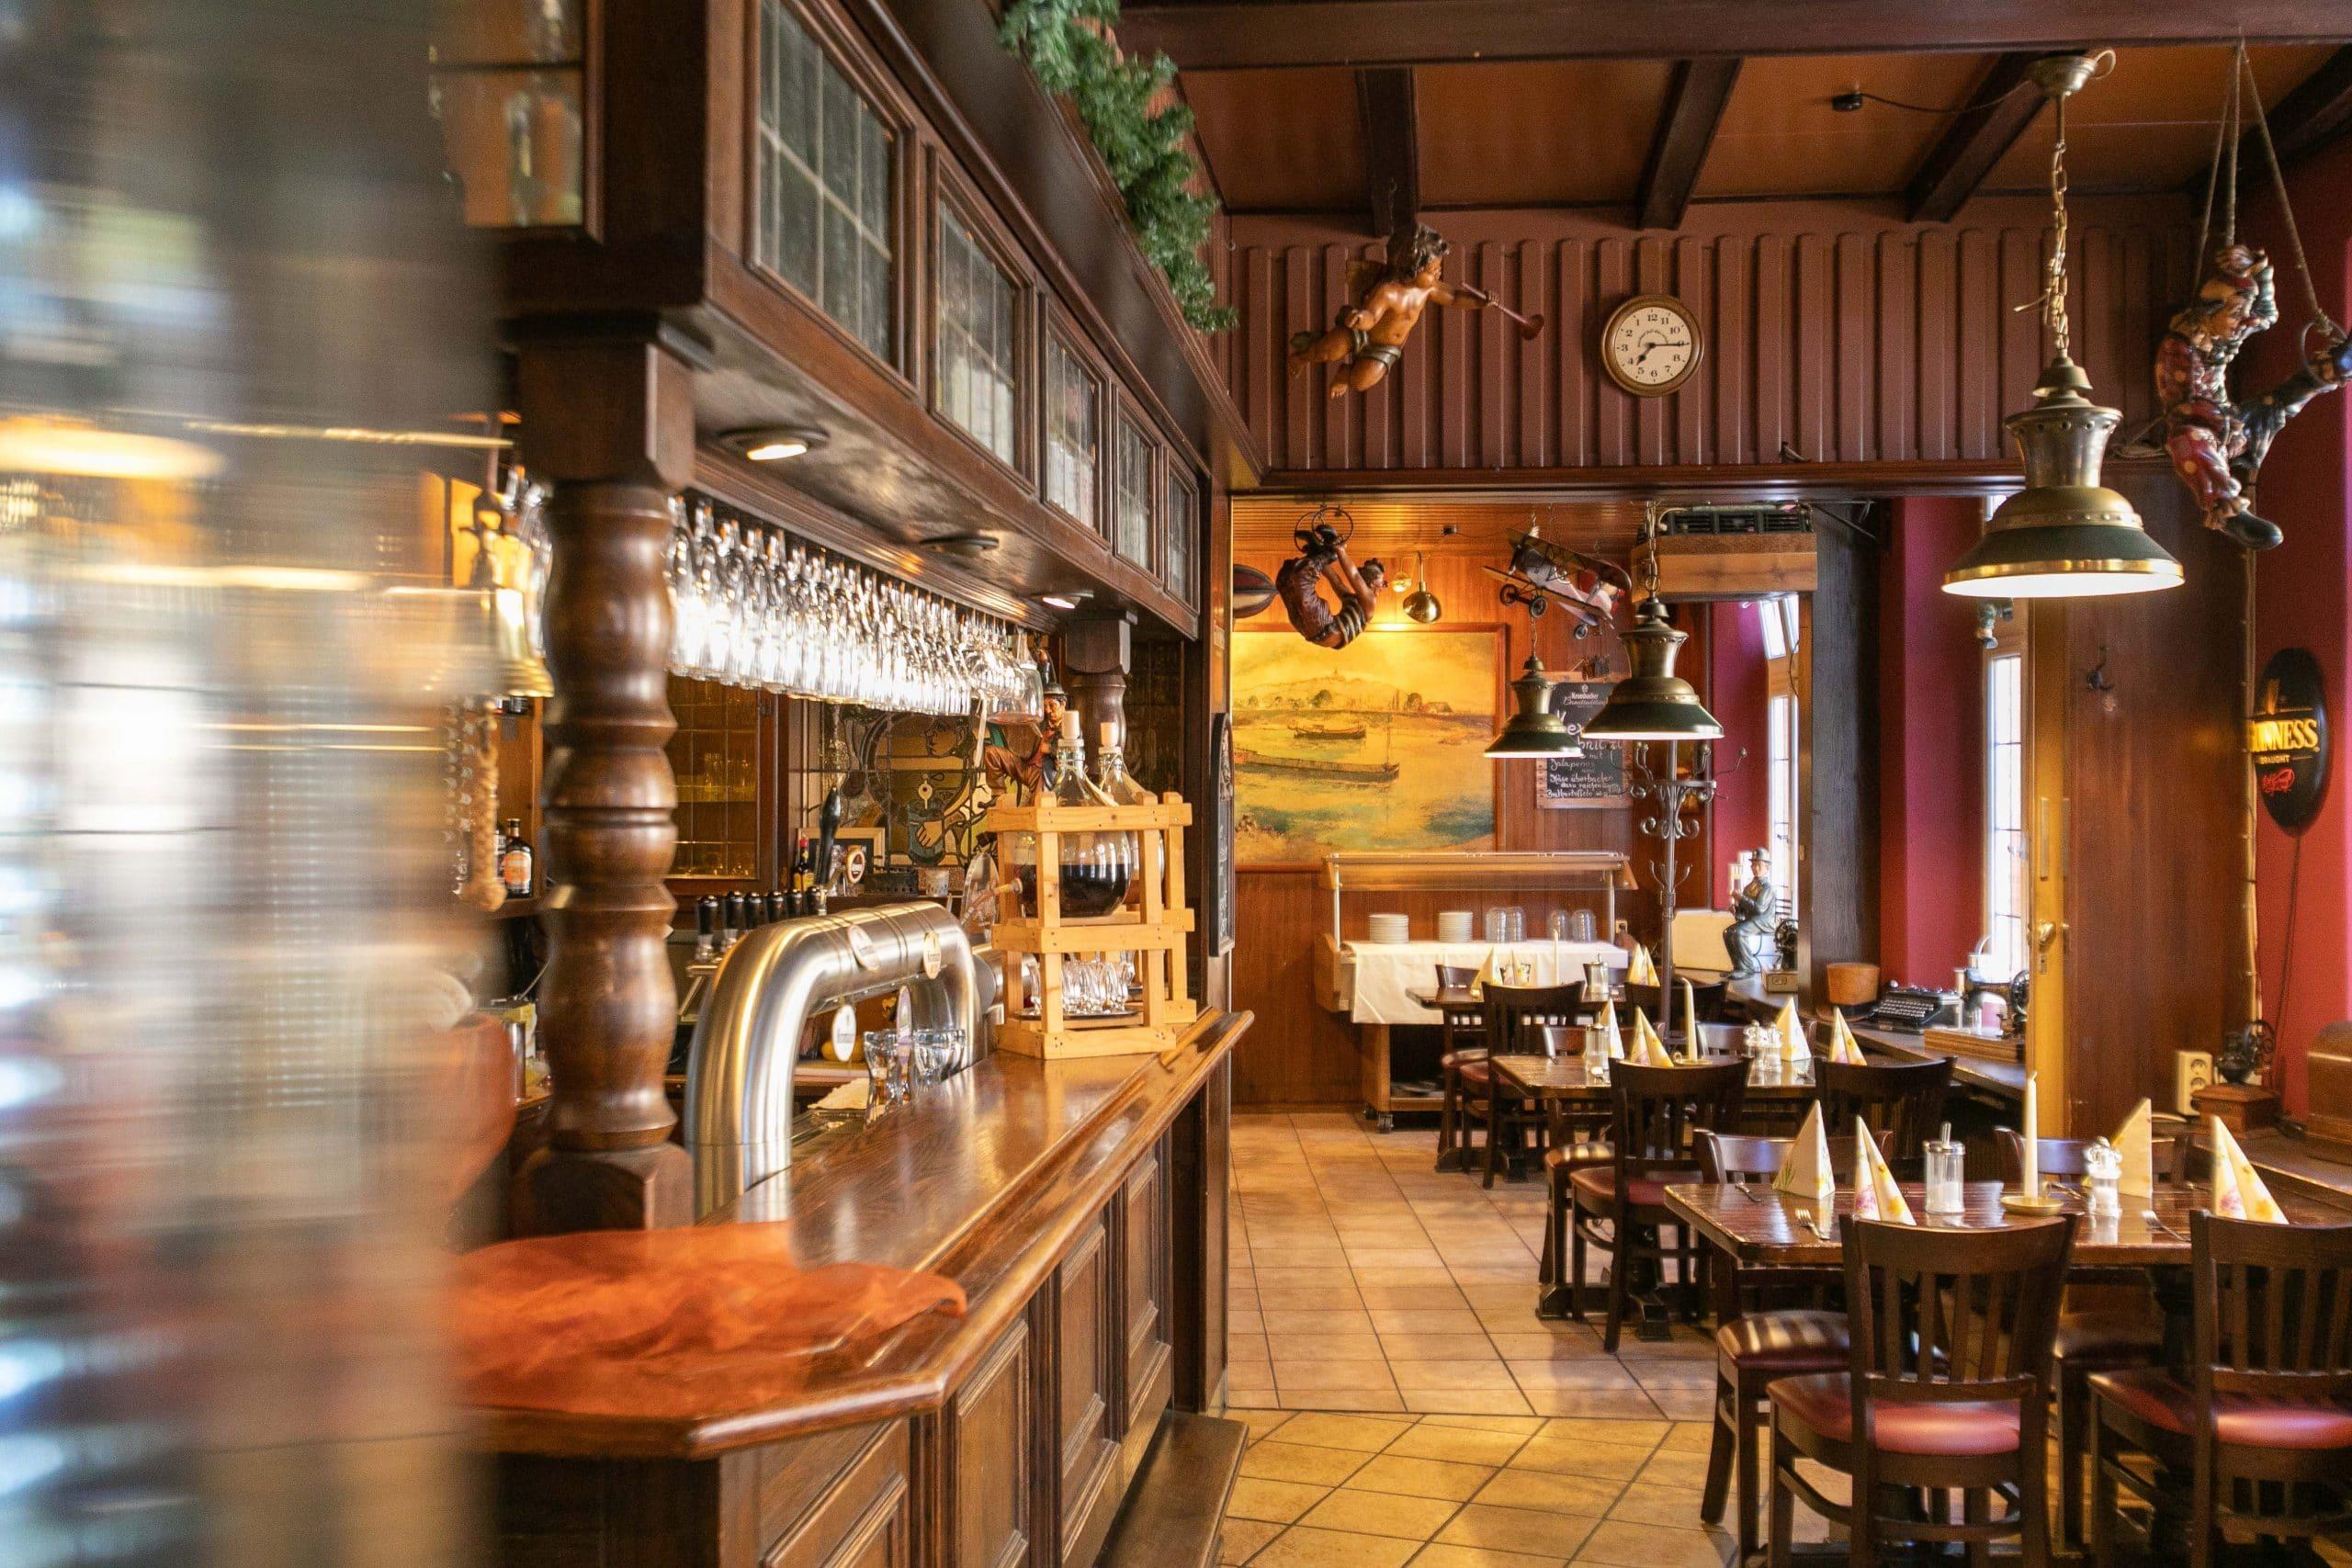 Pub-Restaurant Ratsstuben Elten